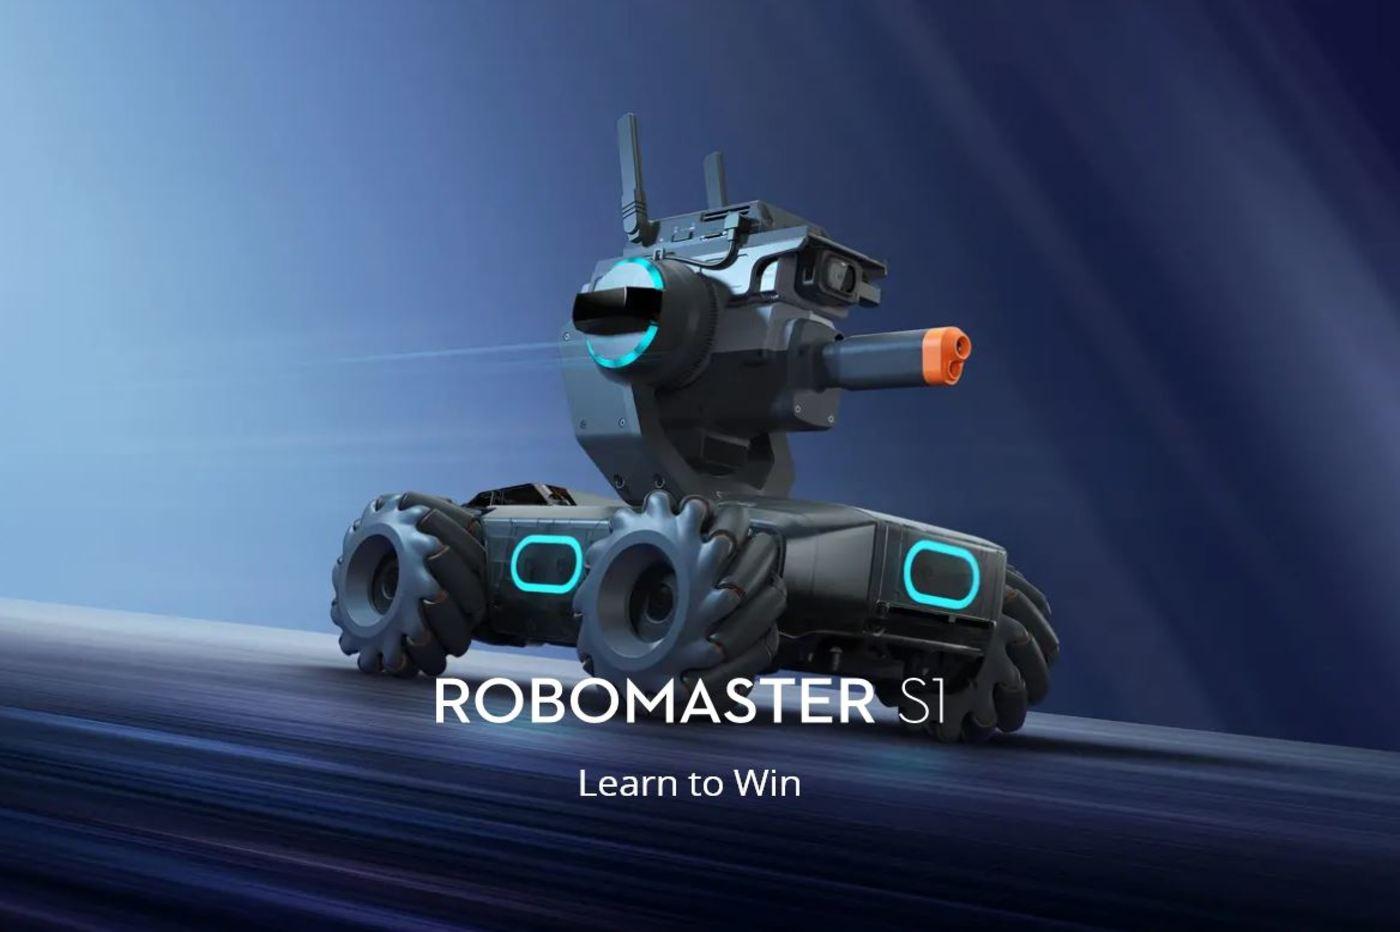 Un robot de combat chez DJI